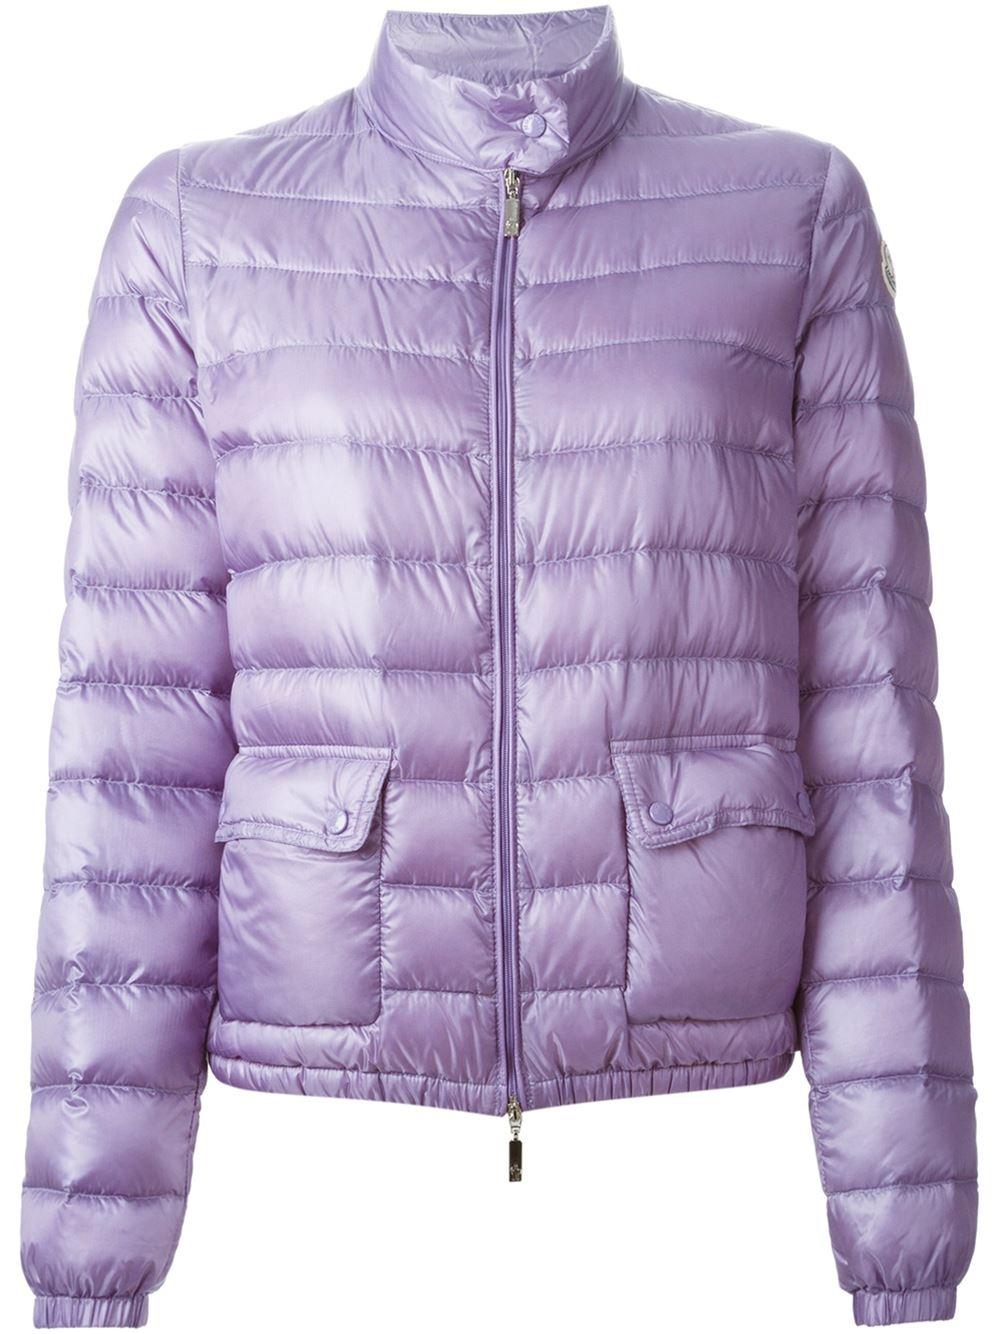 moncler jackets purple